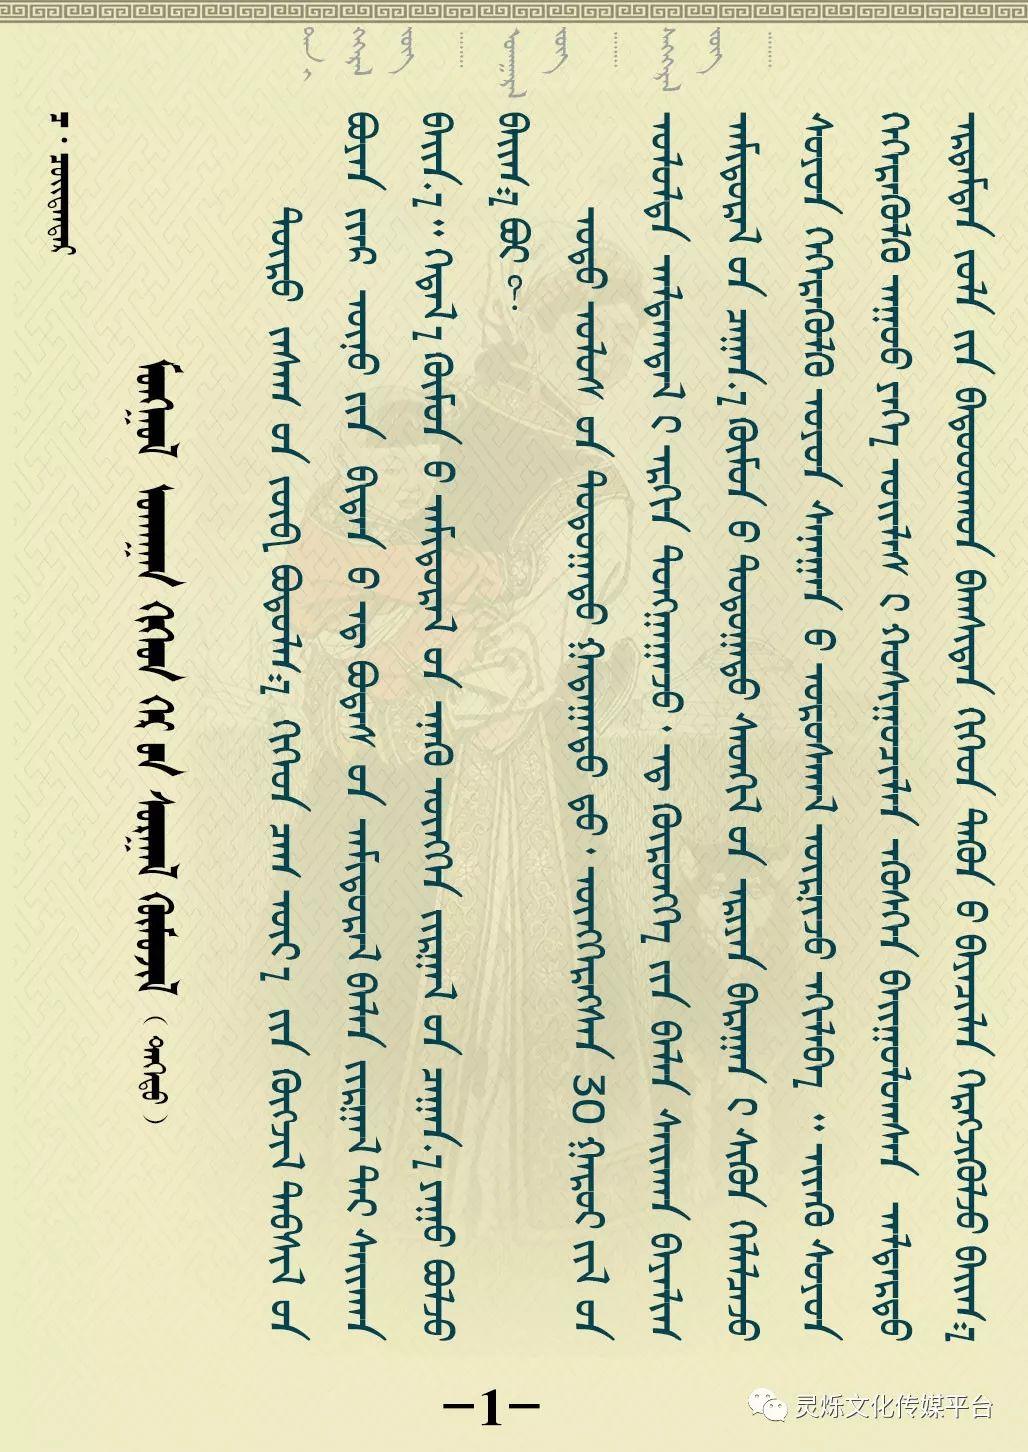 【蒙古民俗】 ᠮᠣᠩᠭᠣᠯ ᠤᠬᠠᠭᠠᠨ ᠬᠢᠭᠡᠳ ᠭᠡᠷᠤᠨ ᠰᠤᠷᠭᠠᠯ ᠬᠥᠮᠥᠵᠢᠯ 第1张 【蒙古民俗】 ᠮᠣᠩᠭᠣᠯ ᠤᠬᠠᠭᠠᠨ ᠬᠢᠭᠡᠳ ᠭᠡᠷᠤᠨ ᠰᠤᠷᠭᠠᠯ ᠬᠥᠮᠥᠵᠢᠯ 蒙古文库